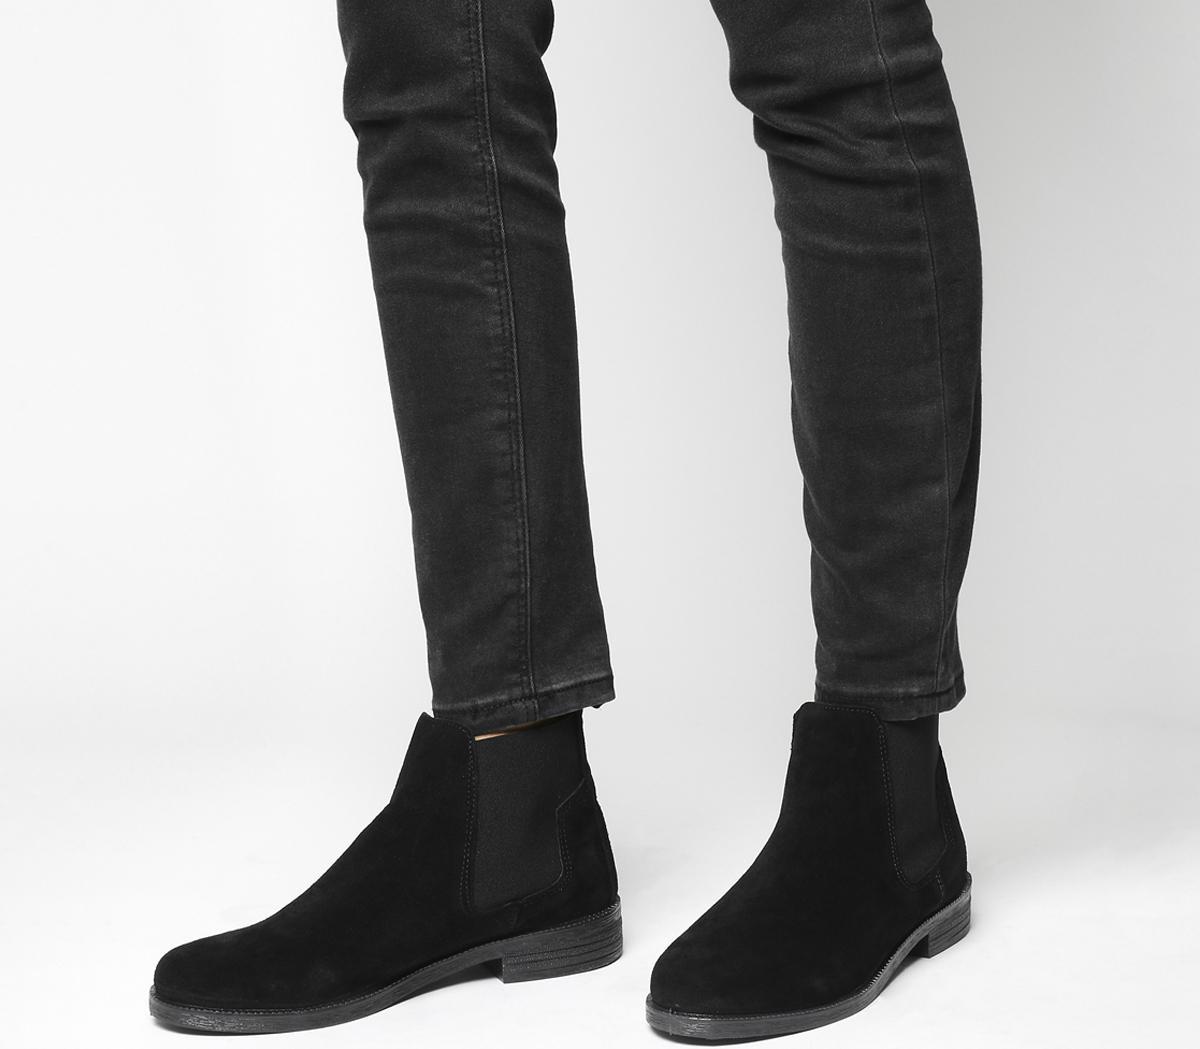 Jamie Chelsea Boots